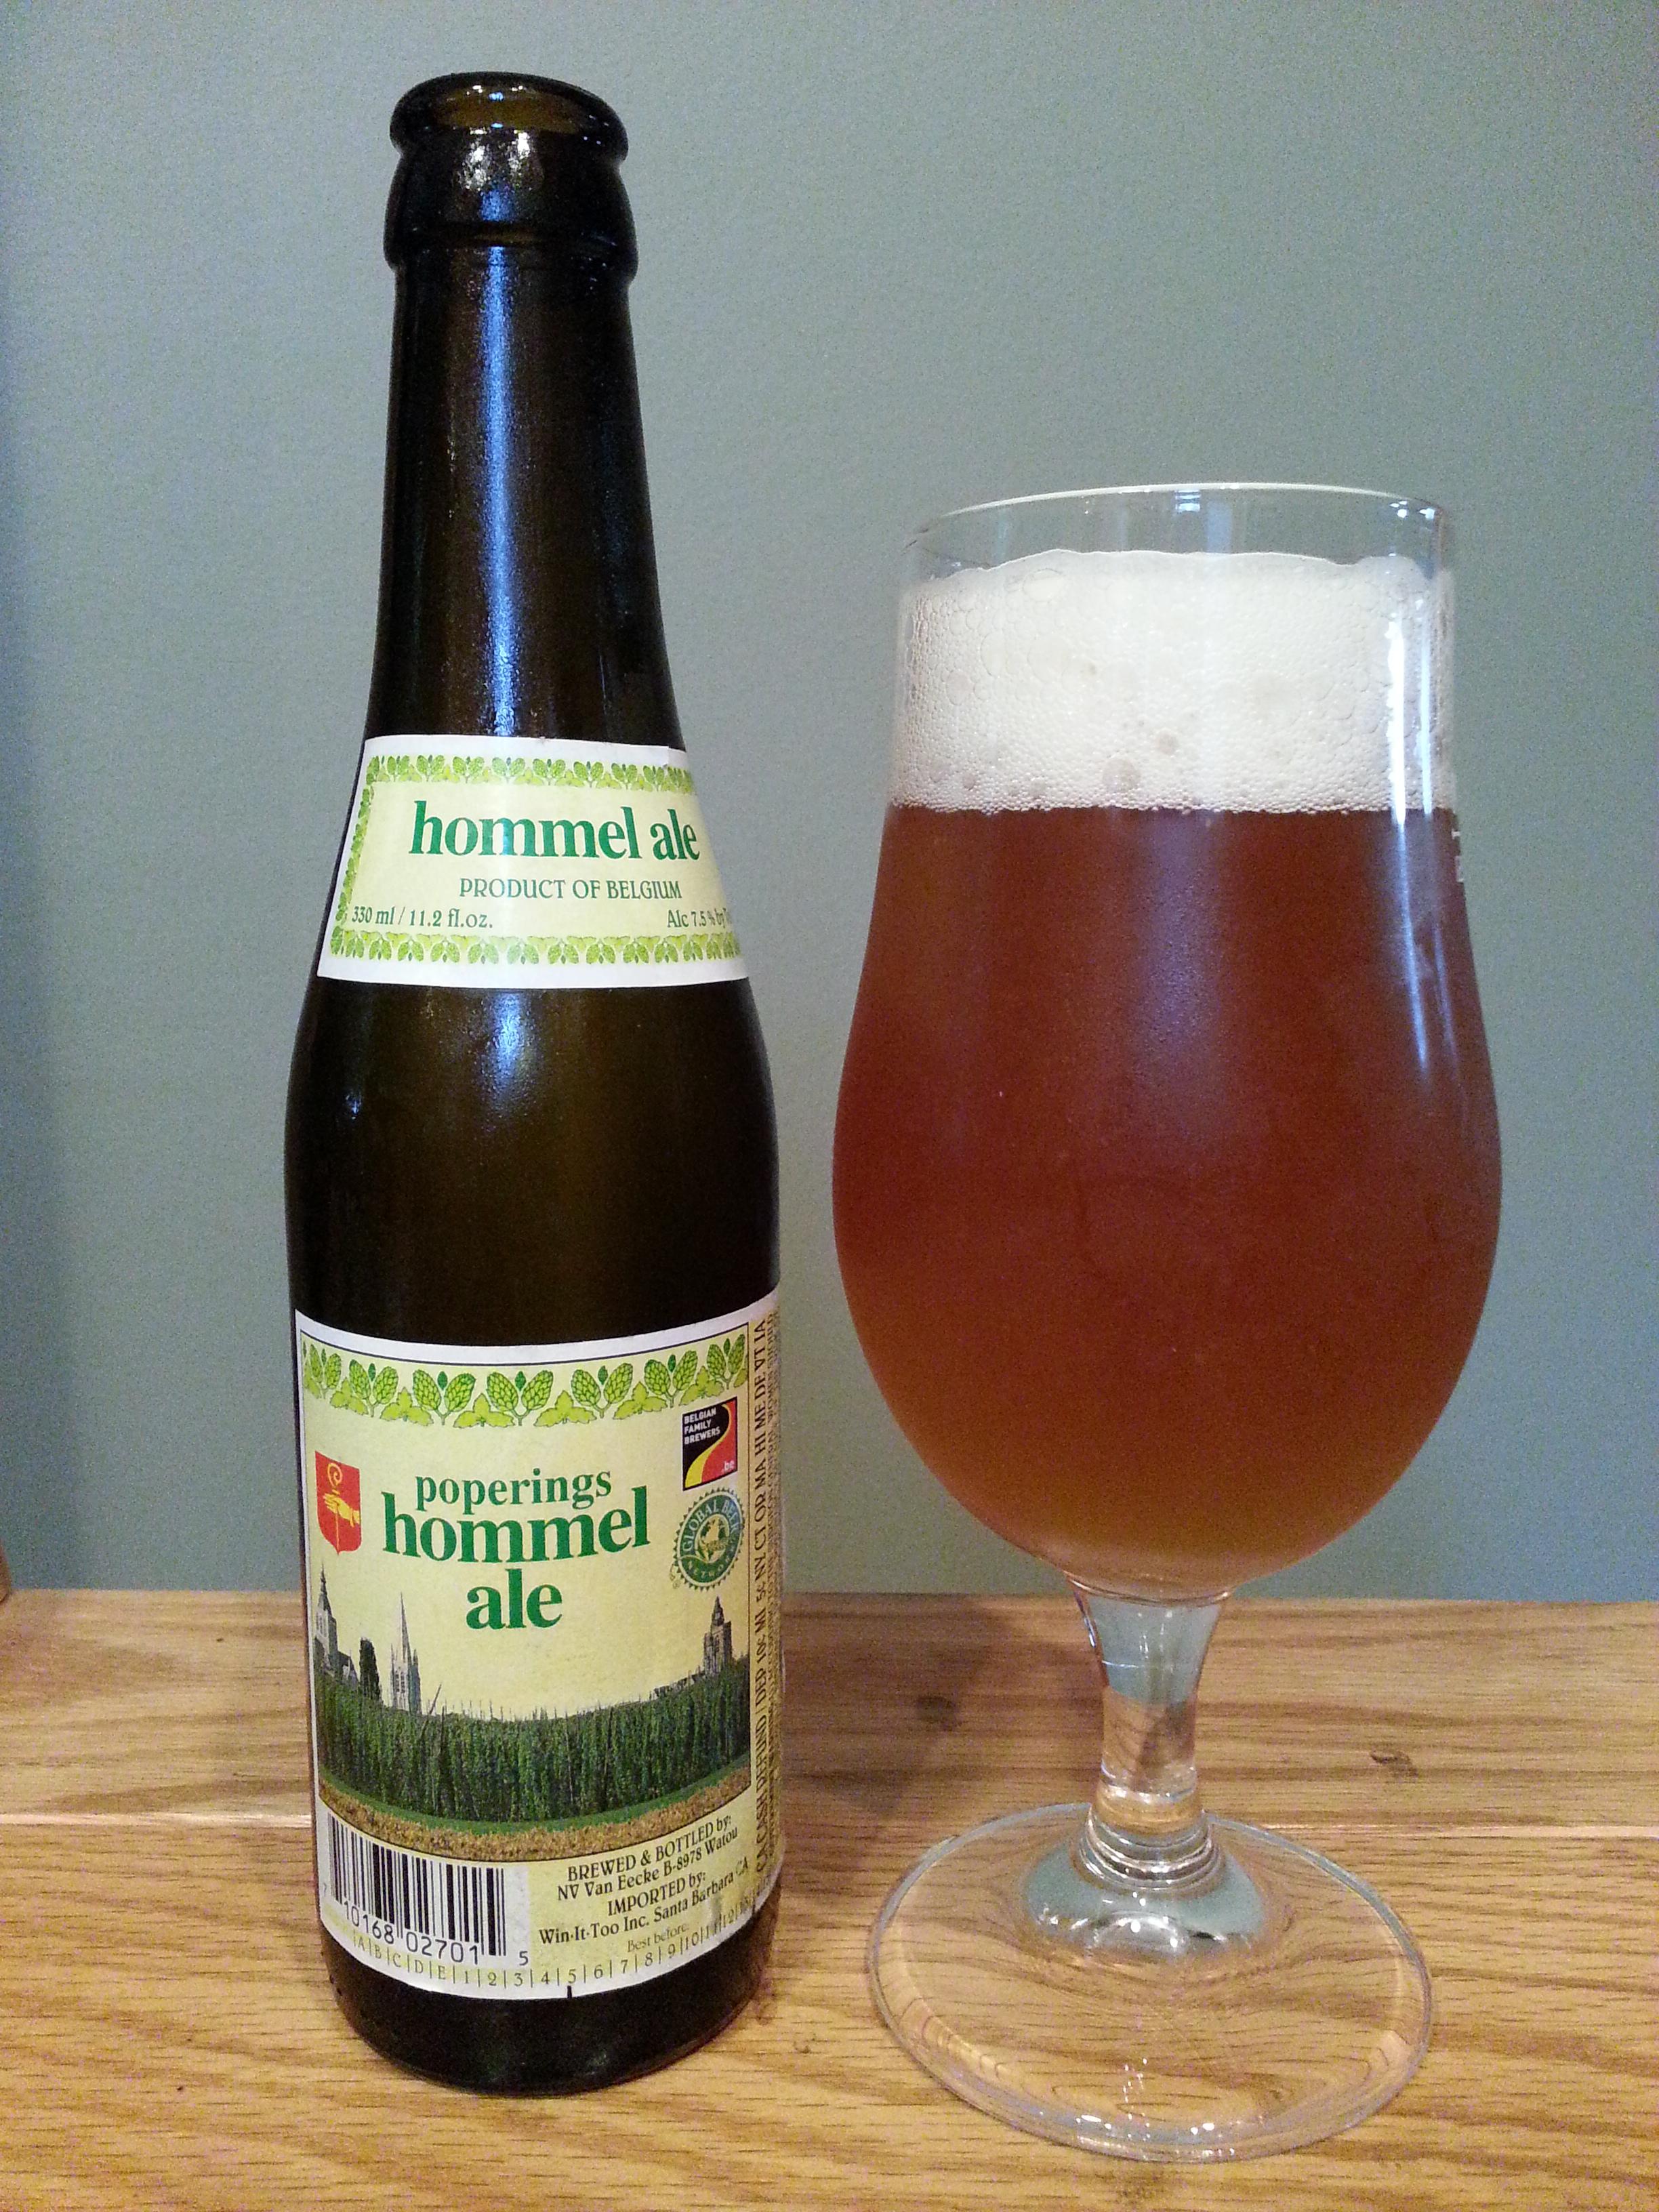 Van Eecke Poperings Hommel Bier